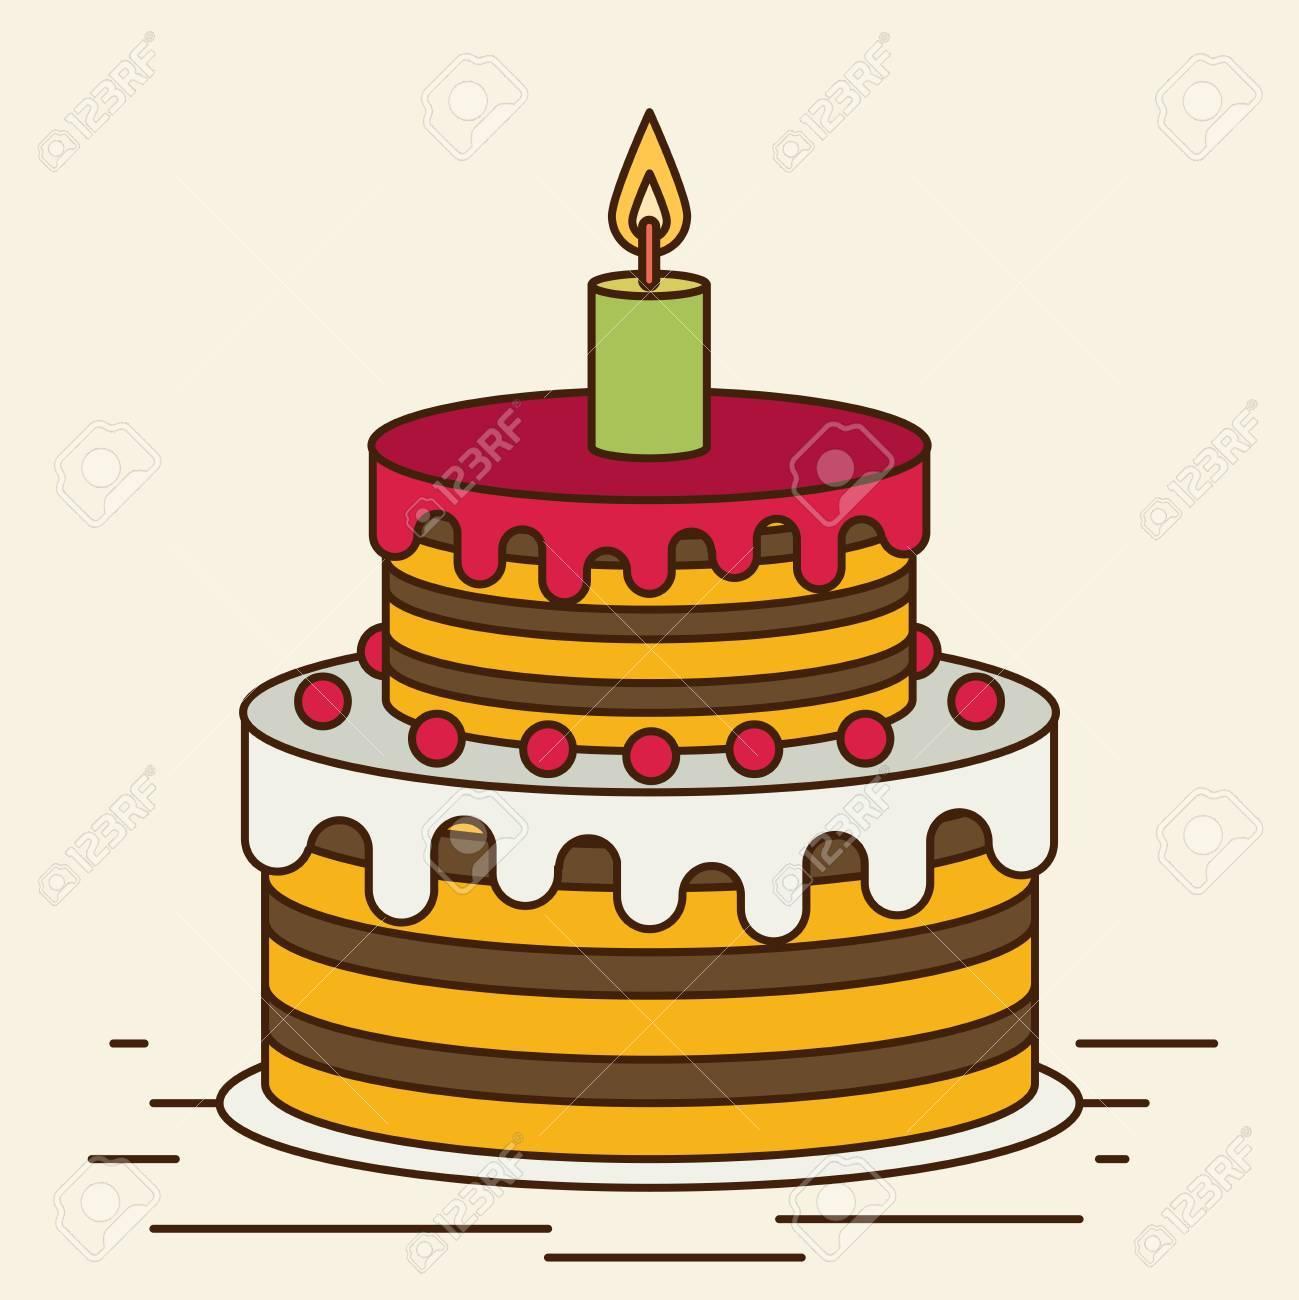 Torta Di Compleanno Bigné Dolci Illustrazione Vettoriale Di Cartone Animato Disegno Piatto Cartolina